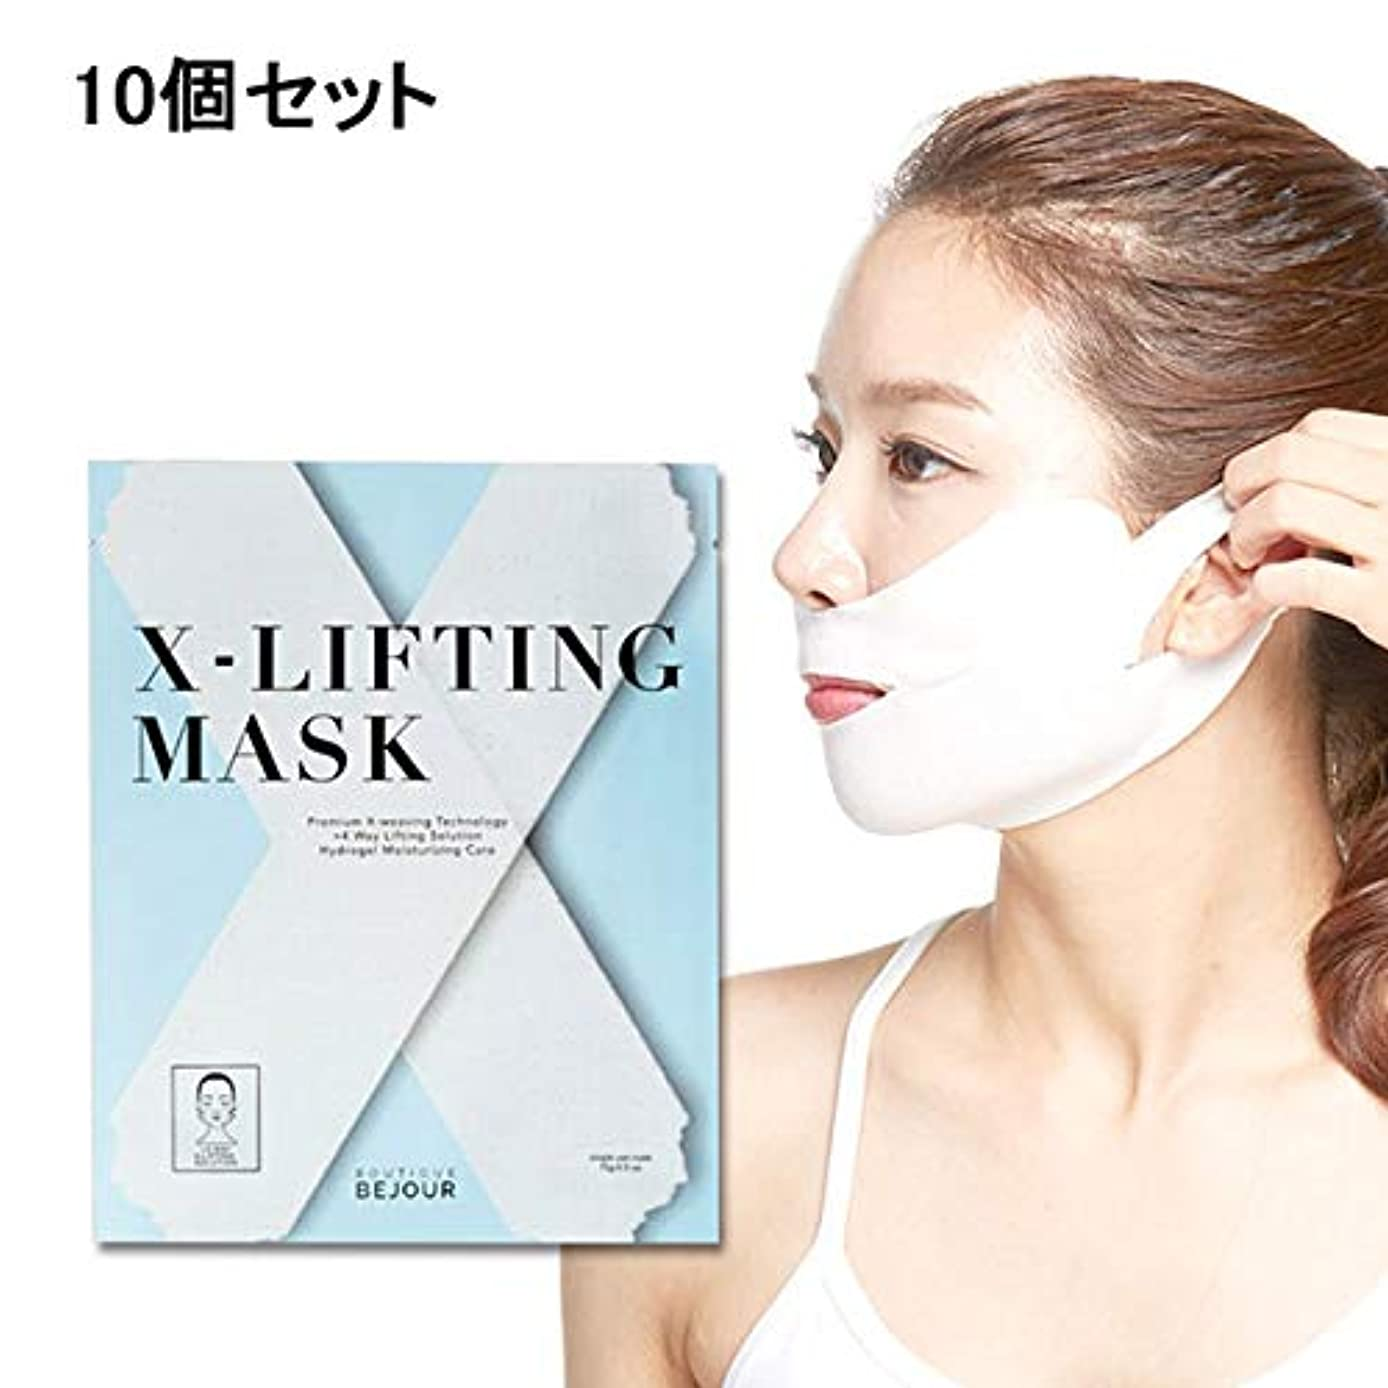 教えて半導体コート< ビジュール > X-Lifting (エックスリフティング) マスク (10個セット) [ リフトアップ フェイスマスク フェイスシート フェイスパック フェイシャルマスク シートマスク フェイシャルシート フェイシャルパック ローションマスク ローションパック 顔パック ]